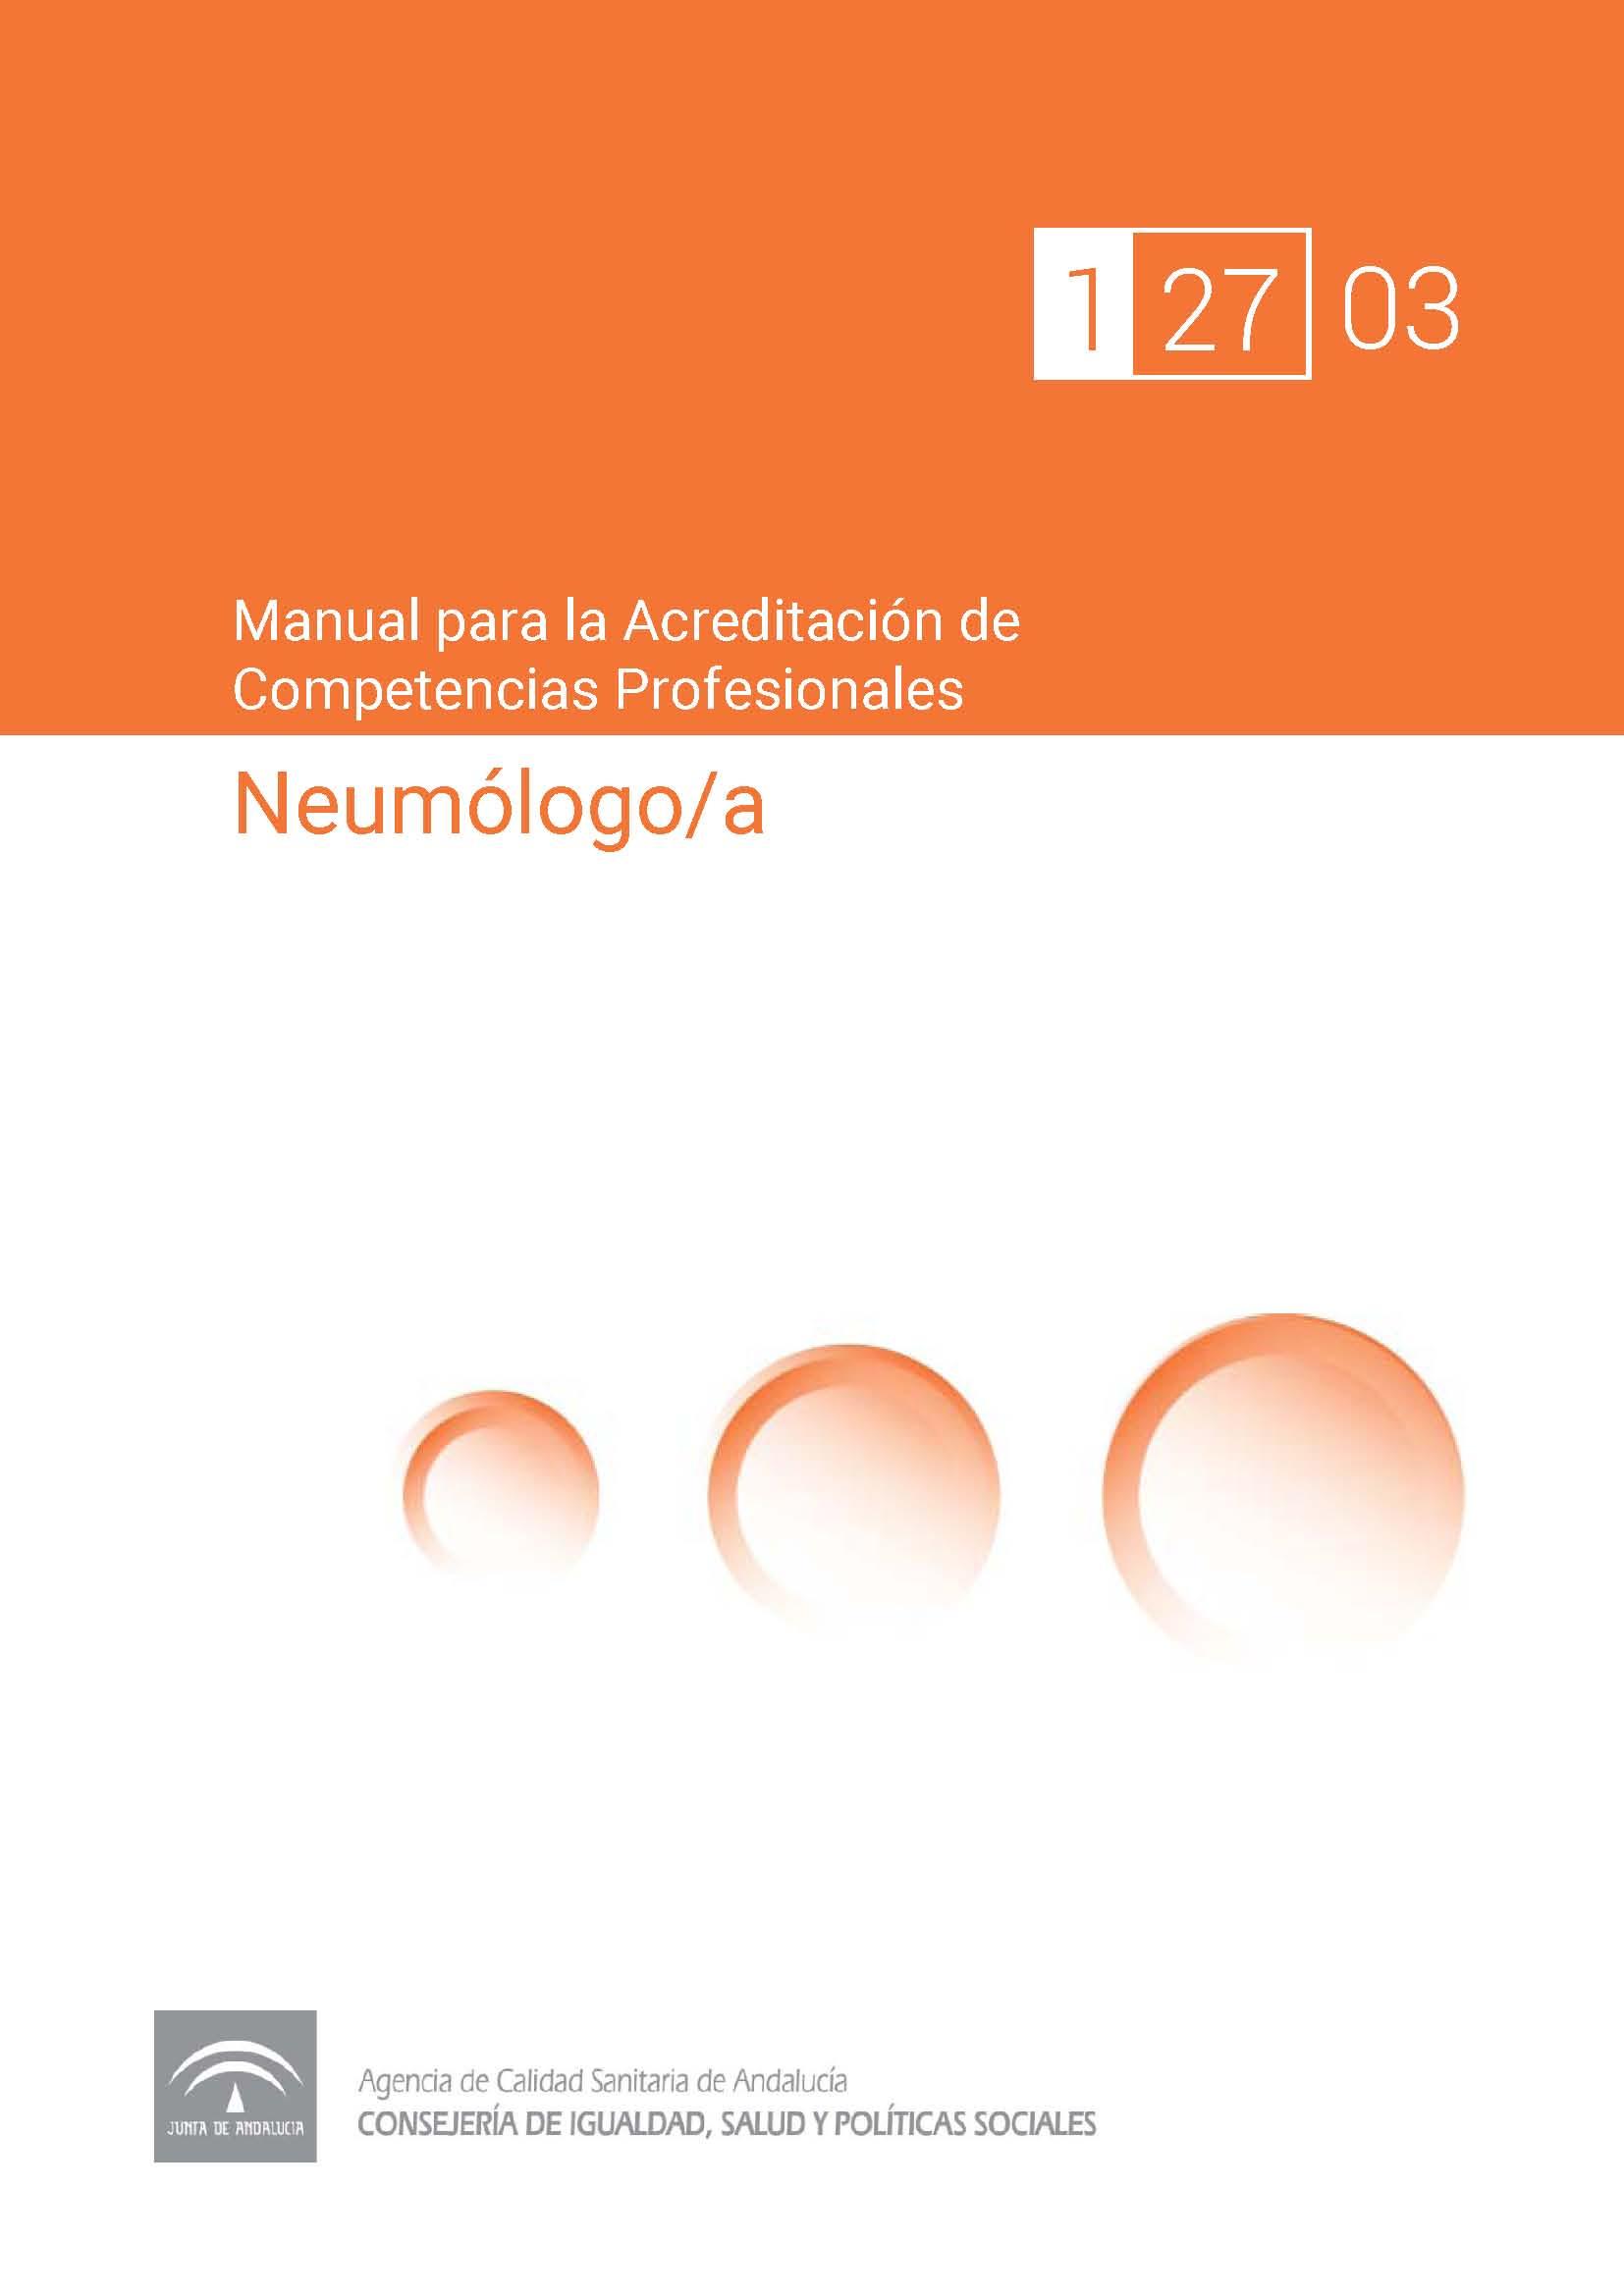 Manual de competencias profesionales del/de la Neumólogo/a